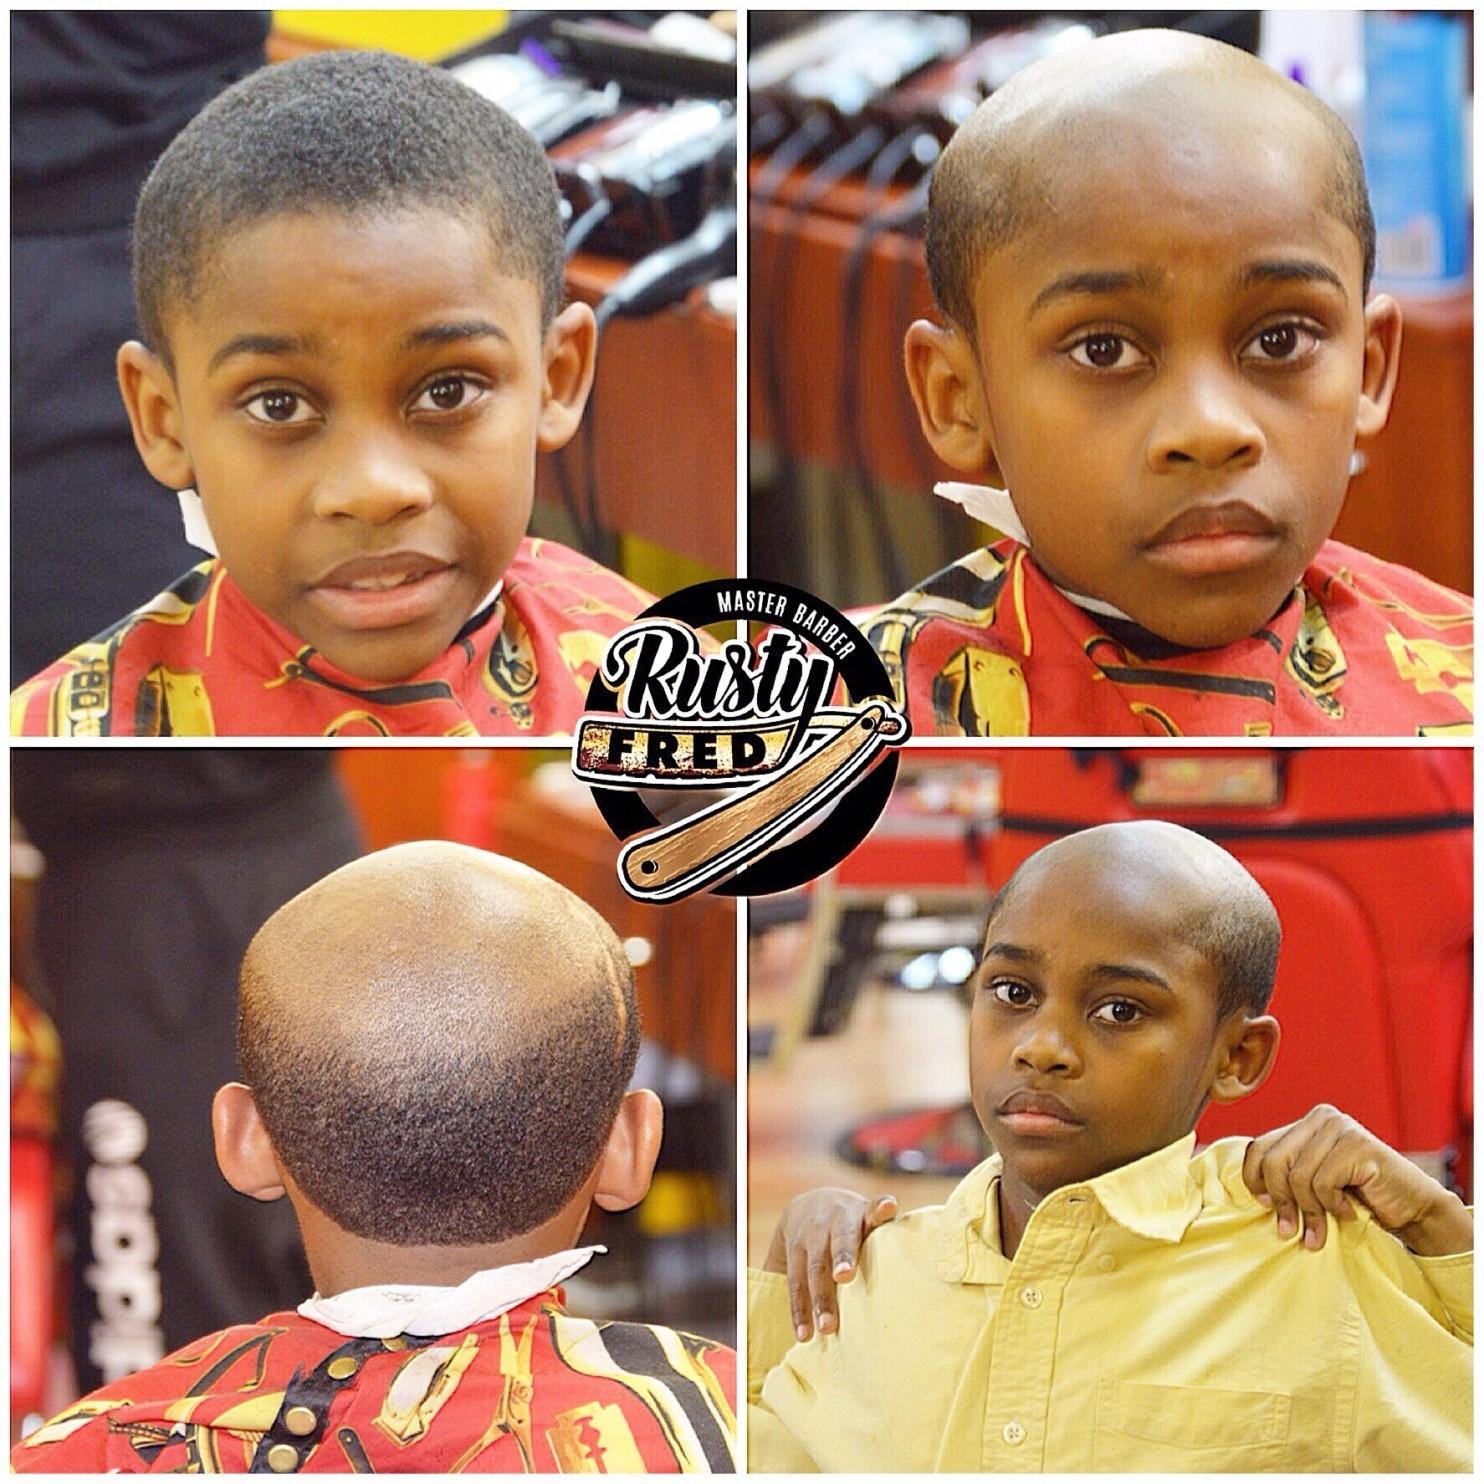 Barber Gives Misbehaving Children